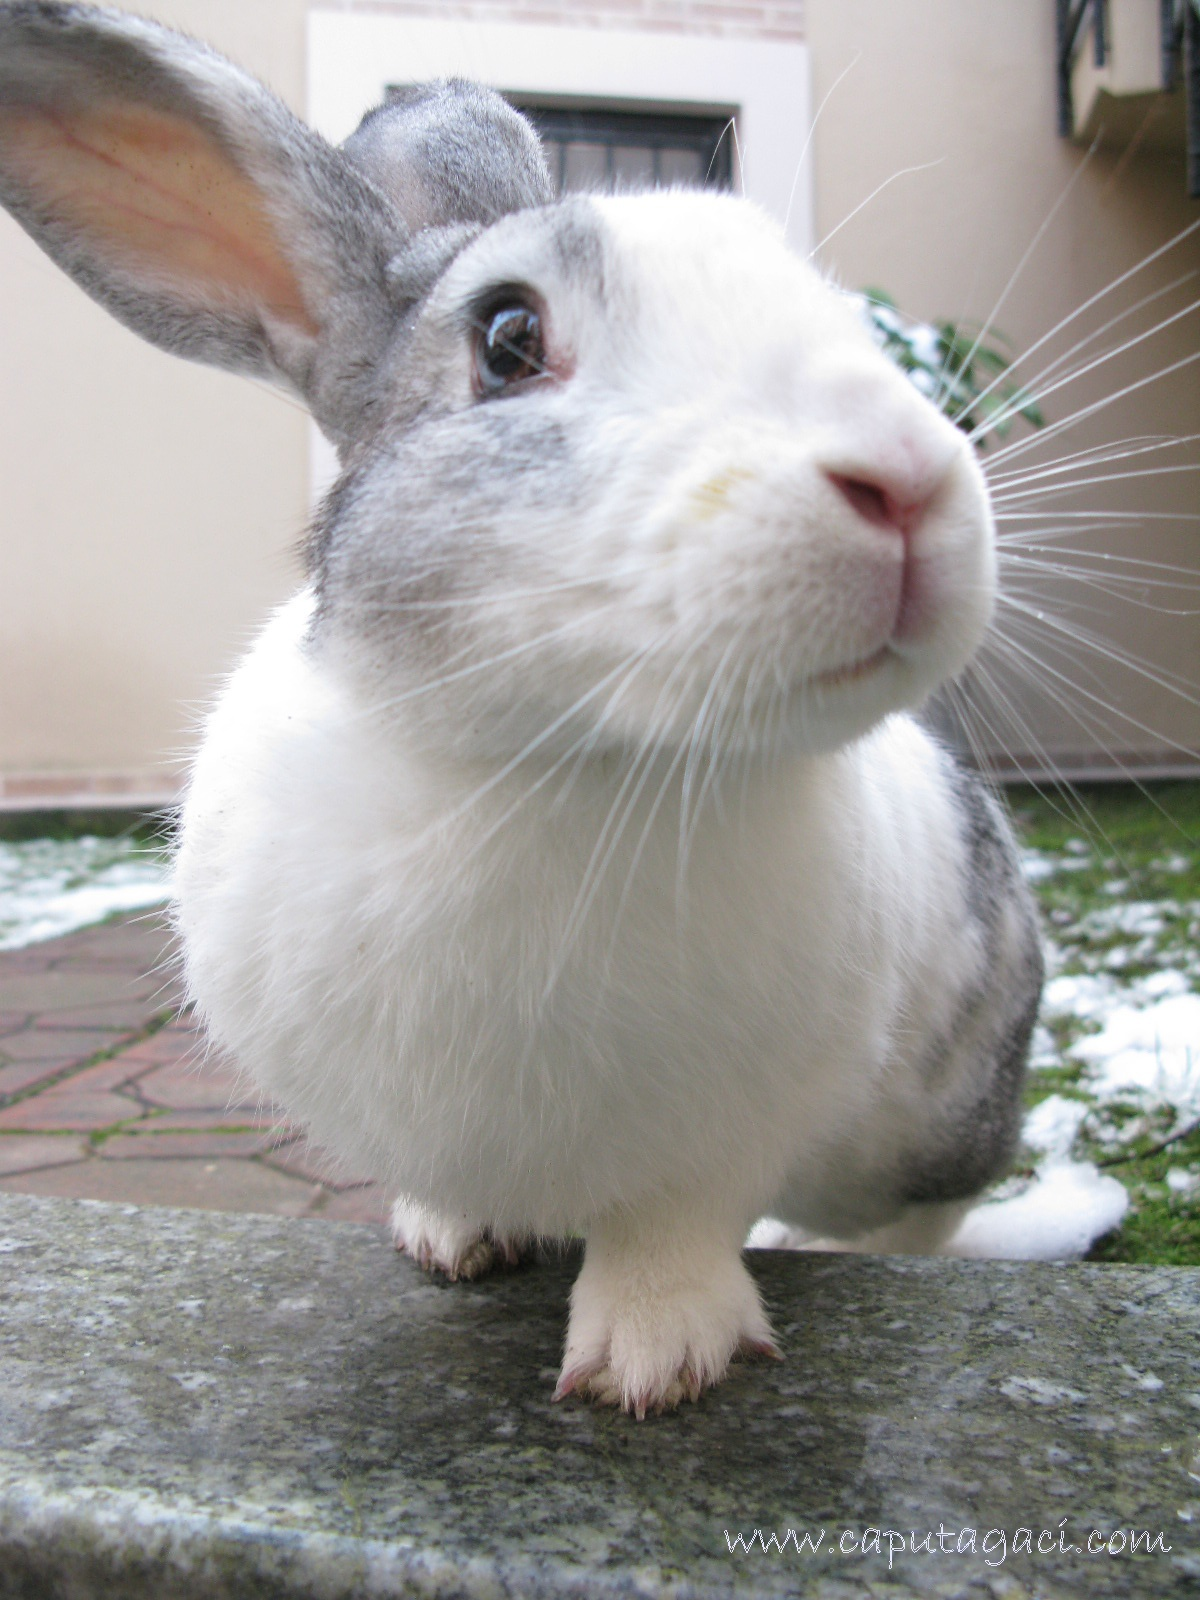 O dünyadaki en büyük tavşan kimmiş Tavşan devleri: fazla köpek